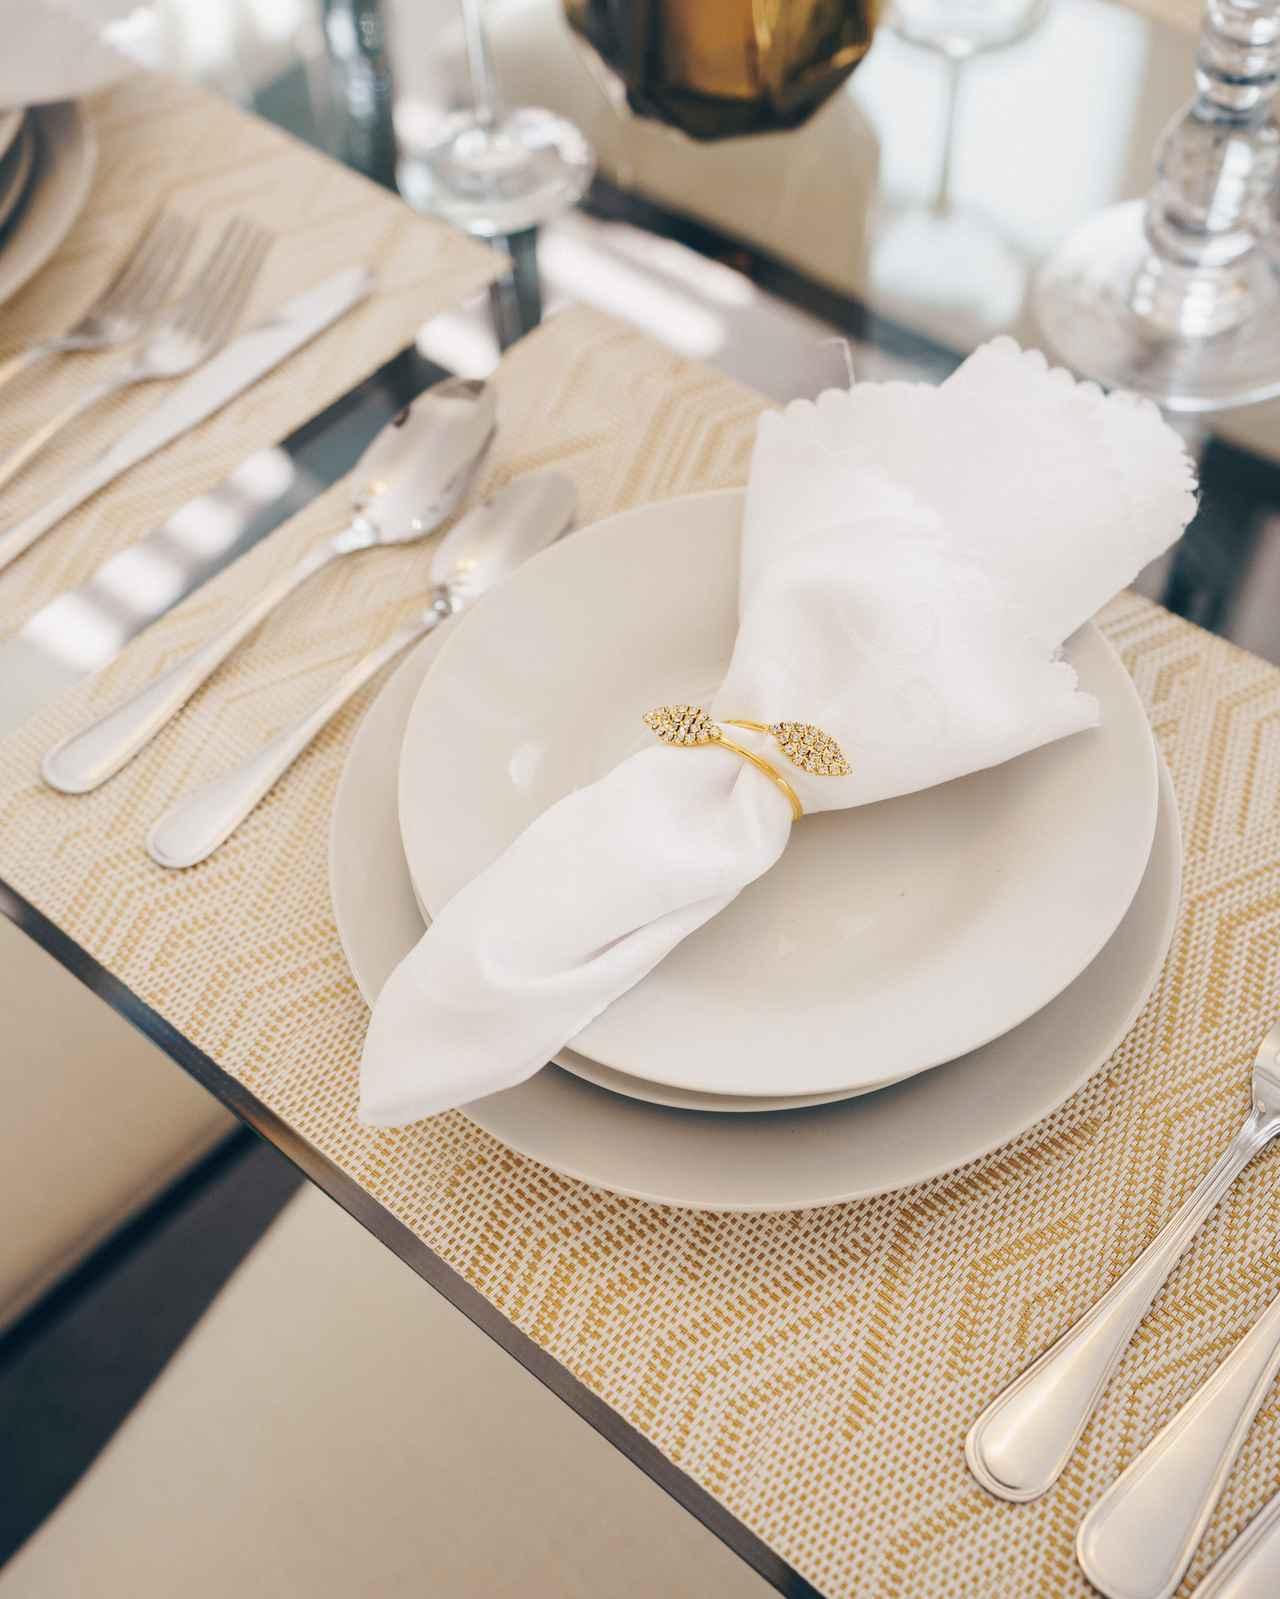 画像2: 親友の結婚式に参加!知らないと恥ずかしいコース料理の食べ方<カシコ美人マナー>